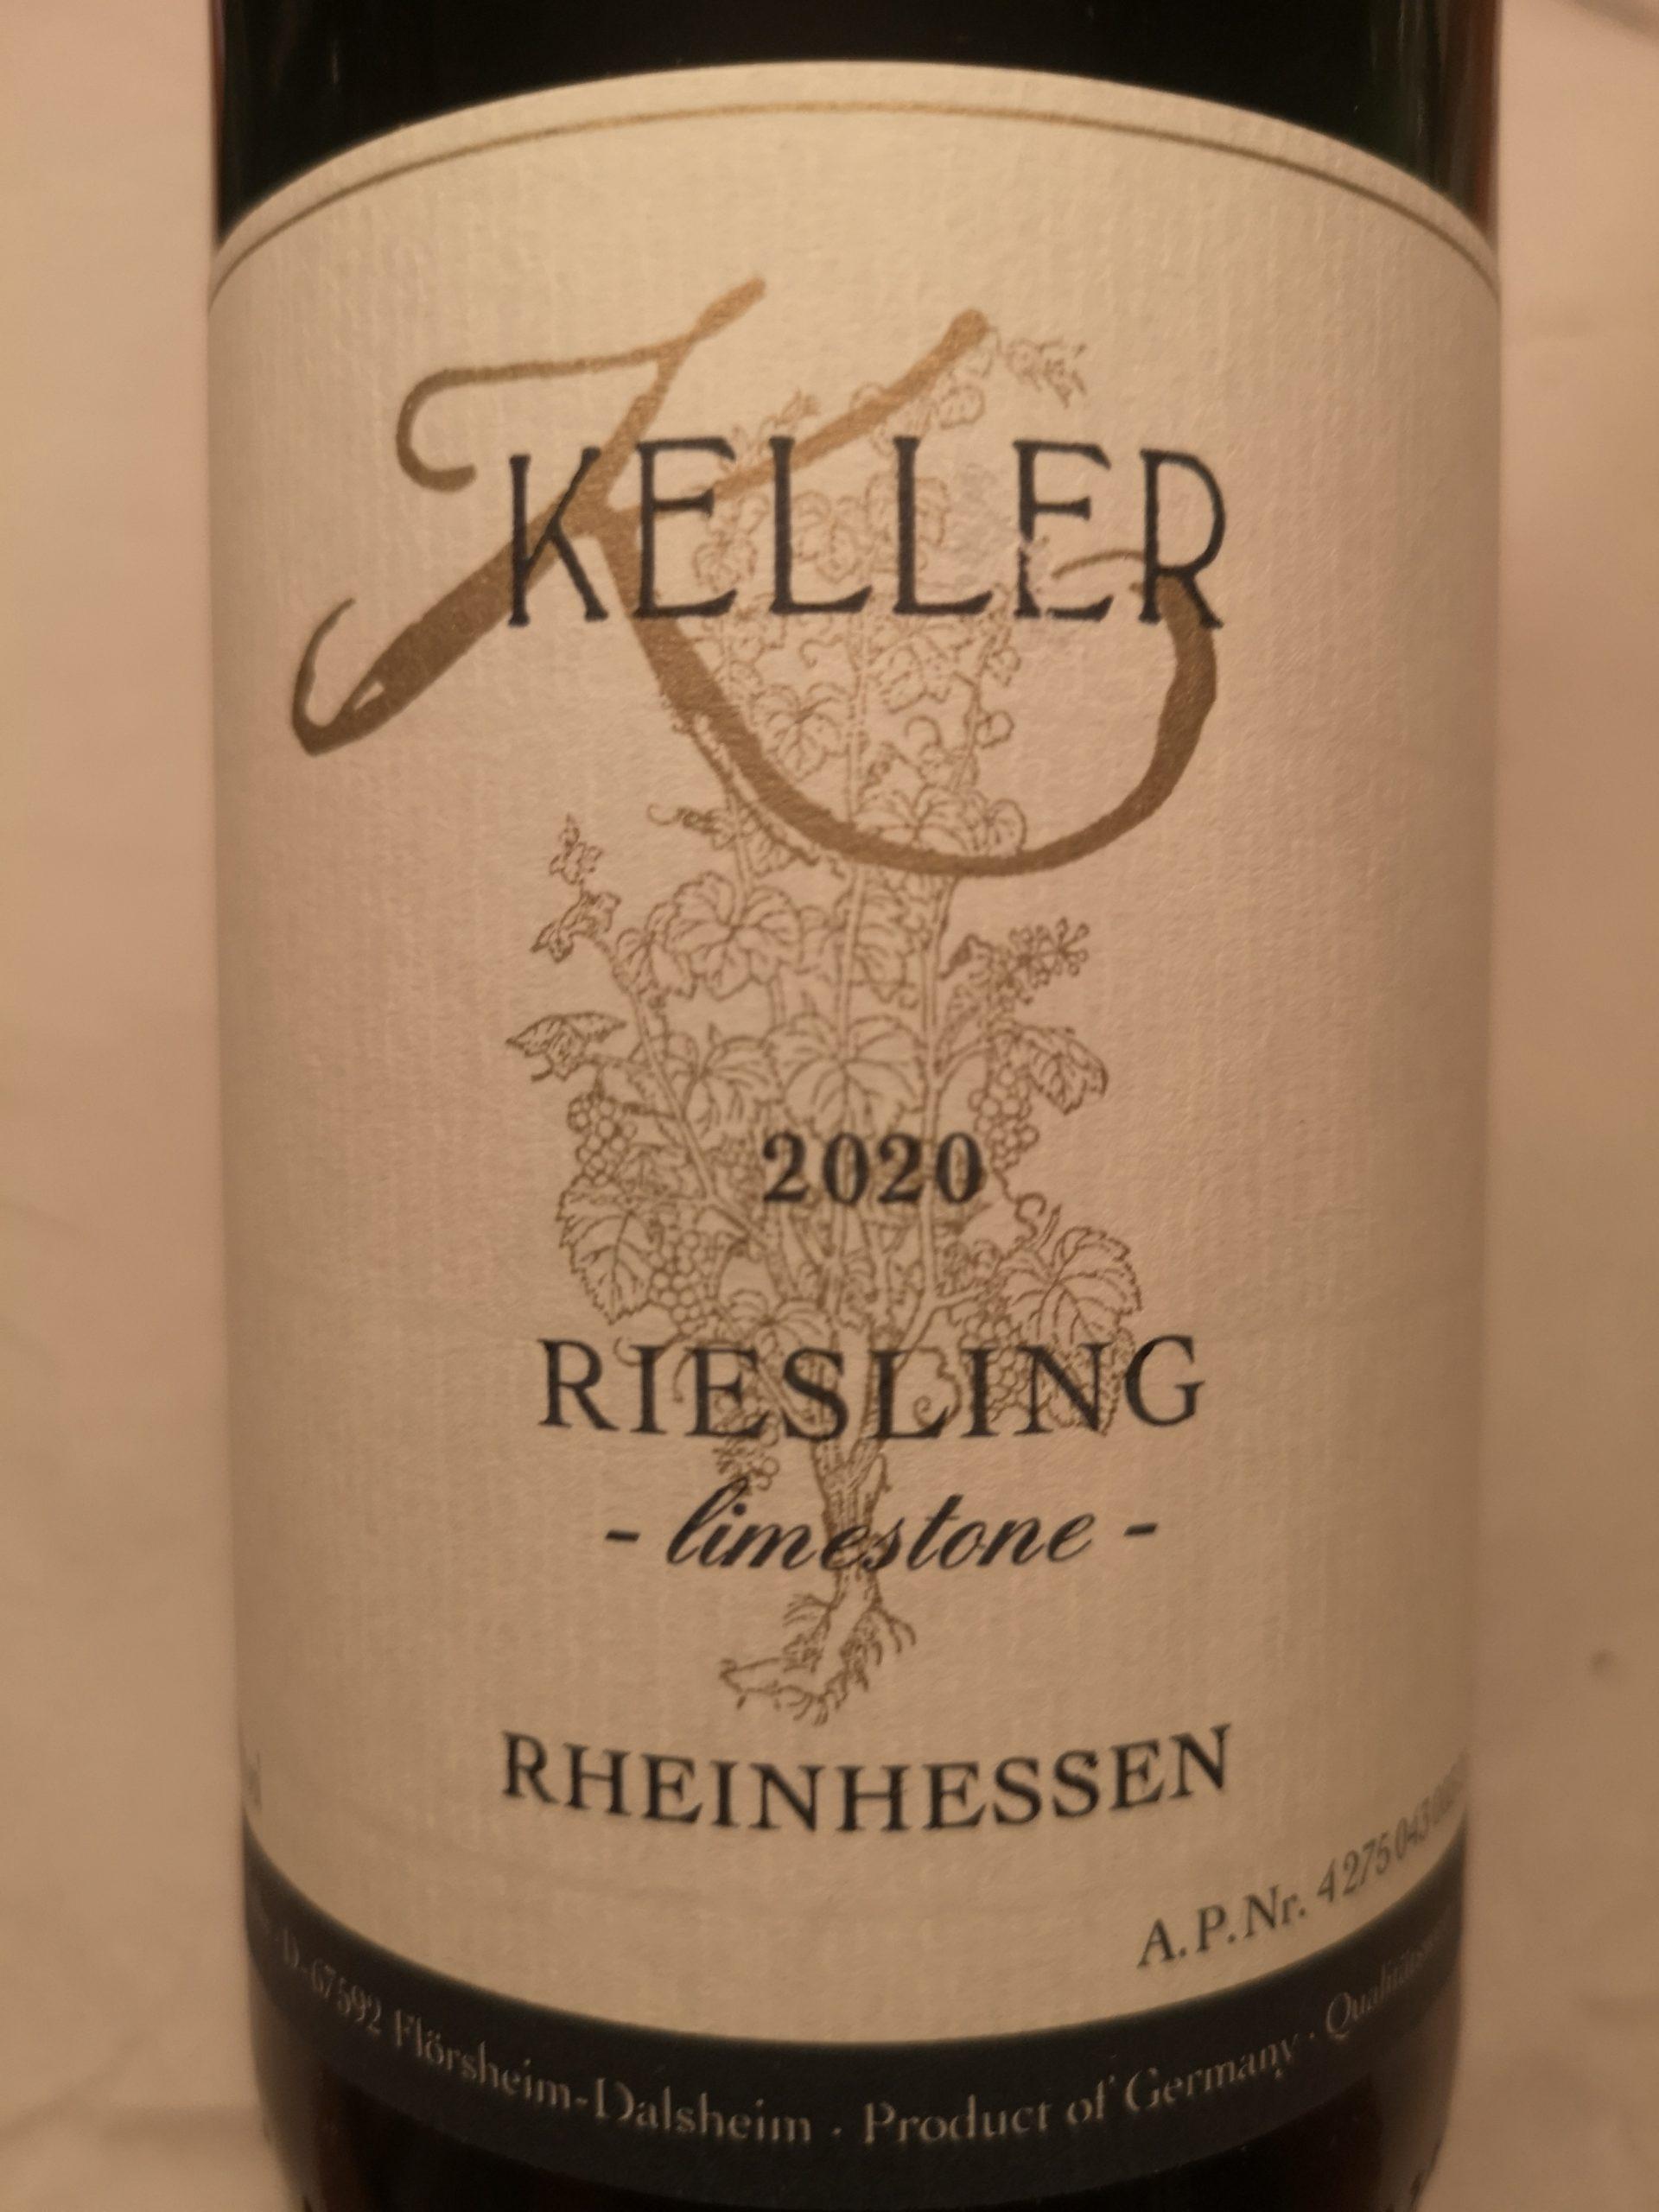 2020 Riesling limestone | Keller